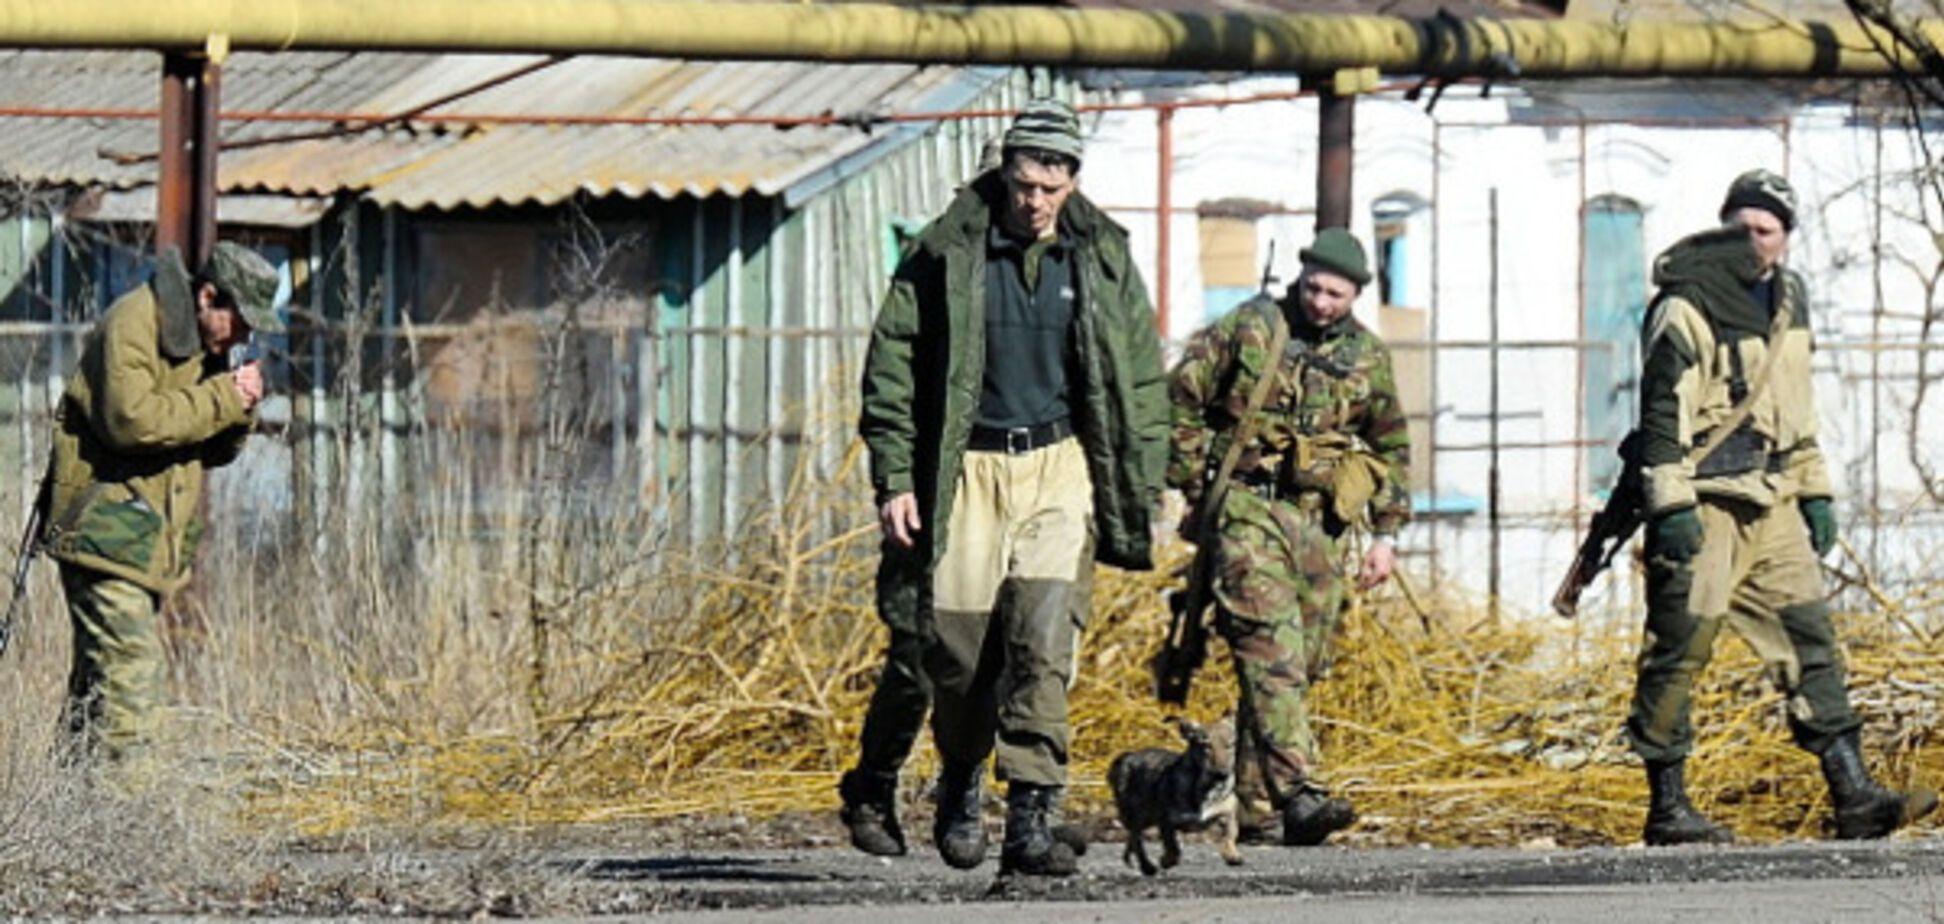 Біжать навіть медики: розвідка розповіла про дезертирство у військах РФ на Донбасі